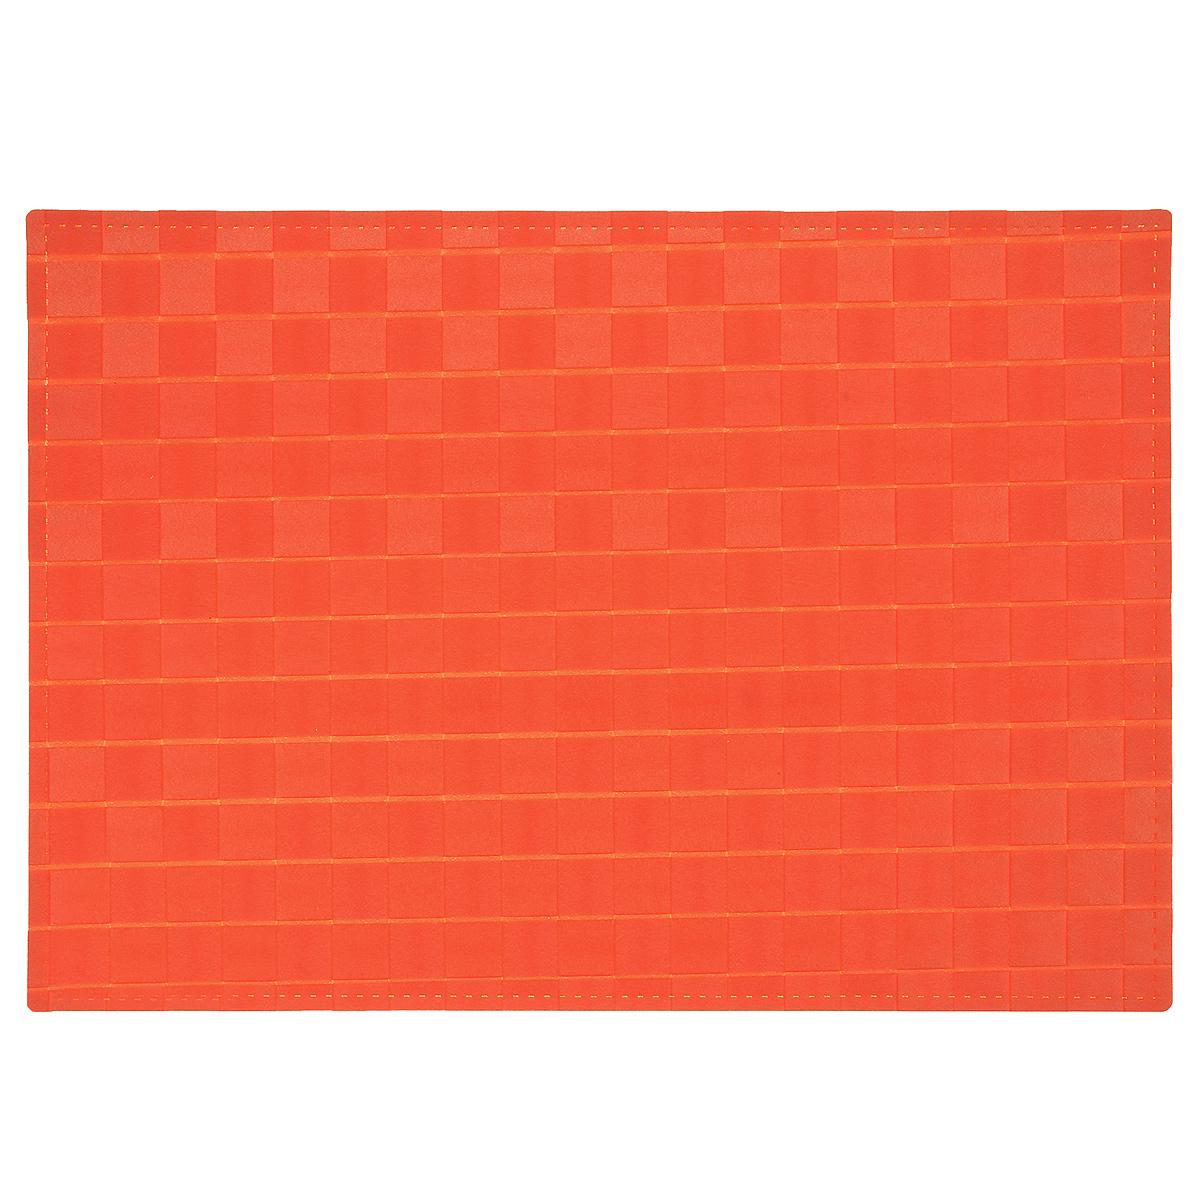 Подставка под горячее Amadeus, цвет: оранжевый, 43 х 30 см115510Плетеная прямоугольная подставка под горячее Amadeus выполнена из мягкого цветного пластика. Подставка не боится высоких температур и легко чистится от пятен и жира.Каждая хозяйка знает, что подставка под горячее - это незаменимый и очень полезный аксессуар на каждой кухне. Ваш стол будет не только украшен оригинальной подставкой, но и сбережен от воздействия высоких температур ваших кулинарных шедевров.Размер подставки: 43 см х 30 см.